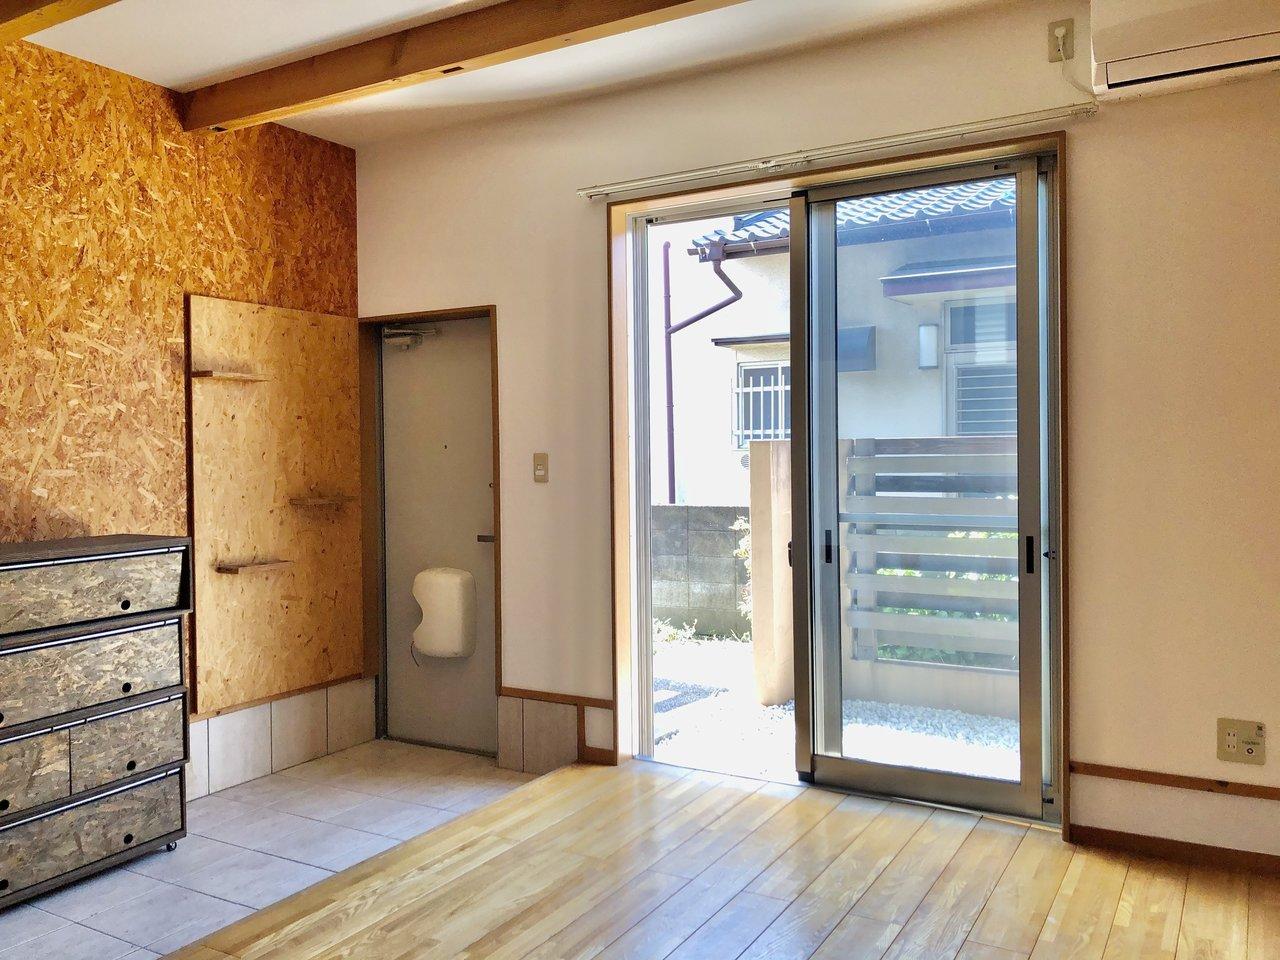 広めの玄関はベビーカーを置くのにも良さそう!専用の小さなお庭もついてます。